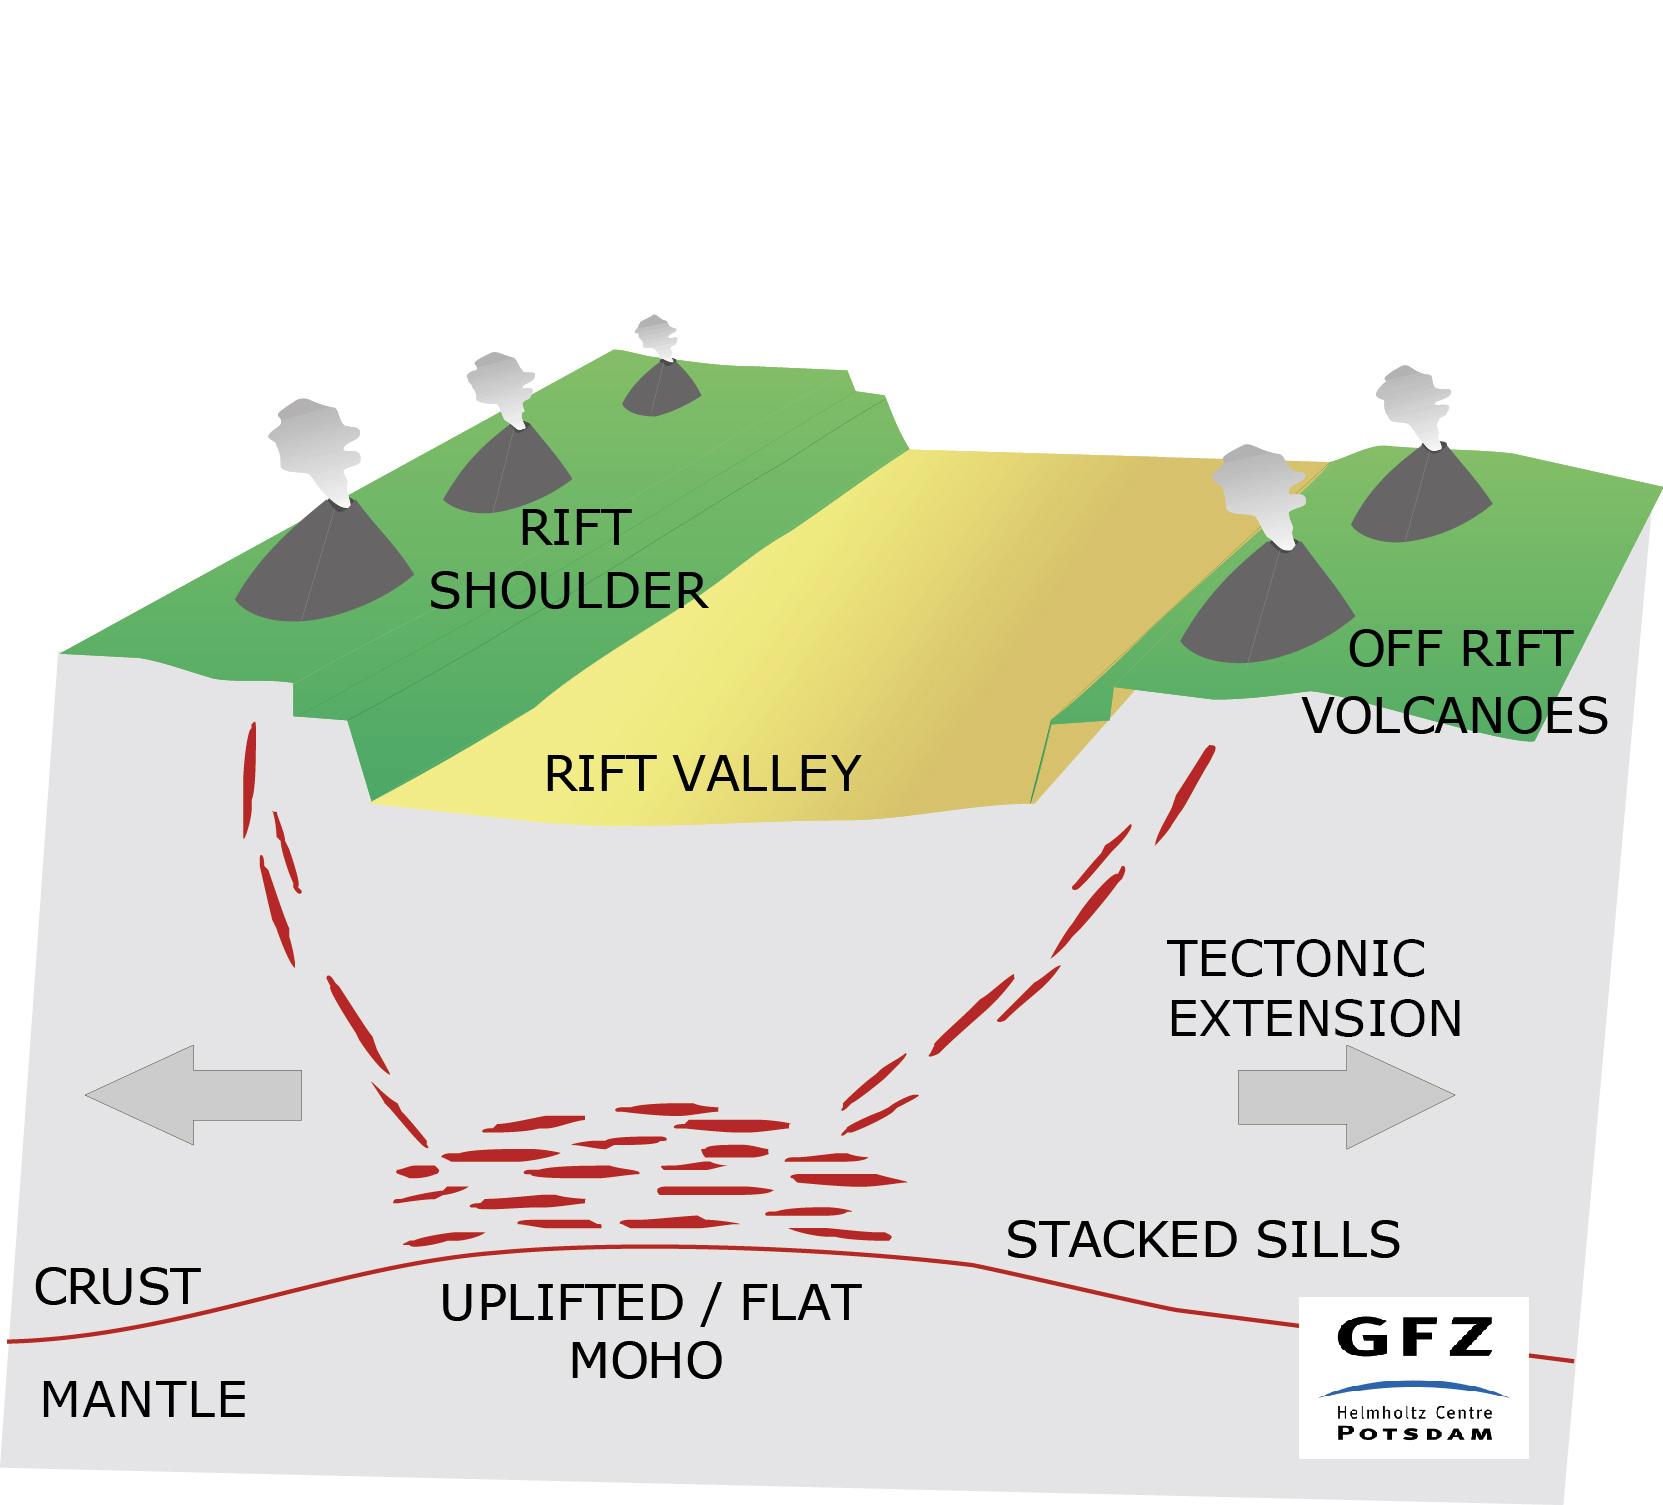 Rift volcanoes explained off rift volcanoes explained ccuart Gallery